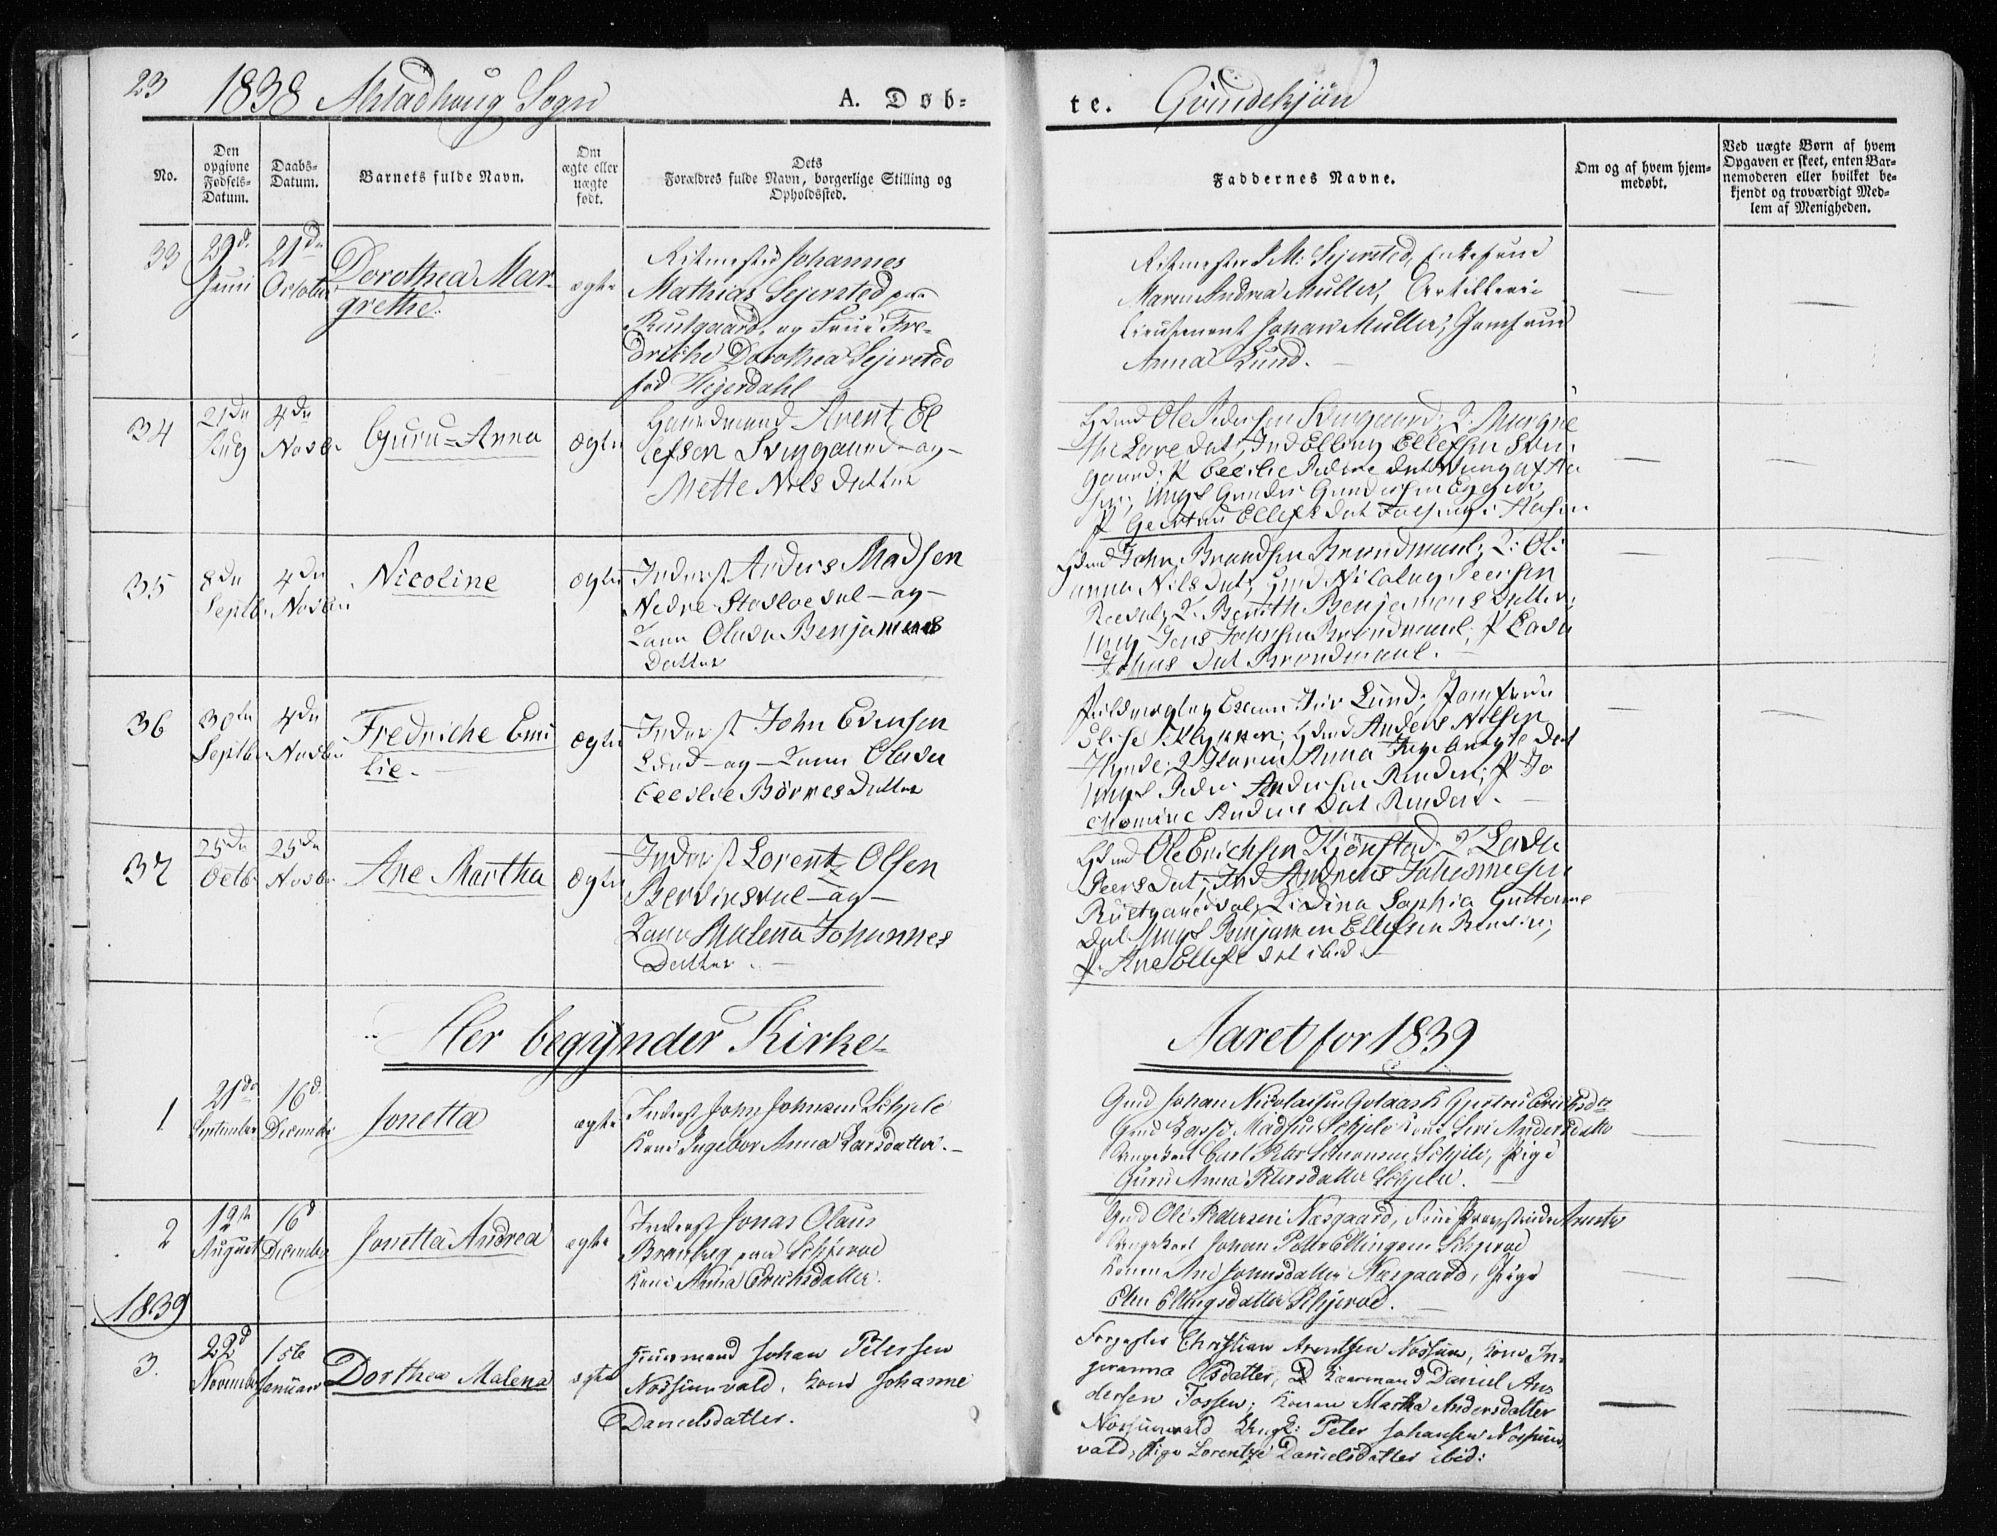 SAT, Ministerialprotokoller, klokkerbøker og fødselsregistre - Nord-Trøndelag, 717/L0154: Ministerialbok nr. 717A06 /1, 1836-1849, s. 23